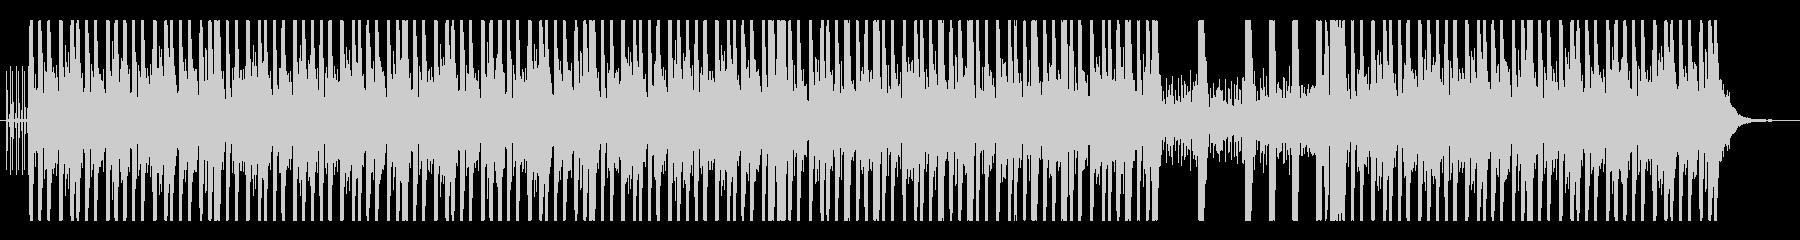 オリエンタルでダークなビートの未再生の波形